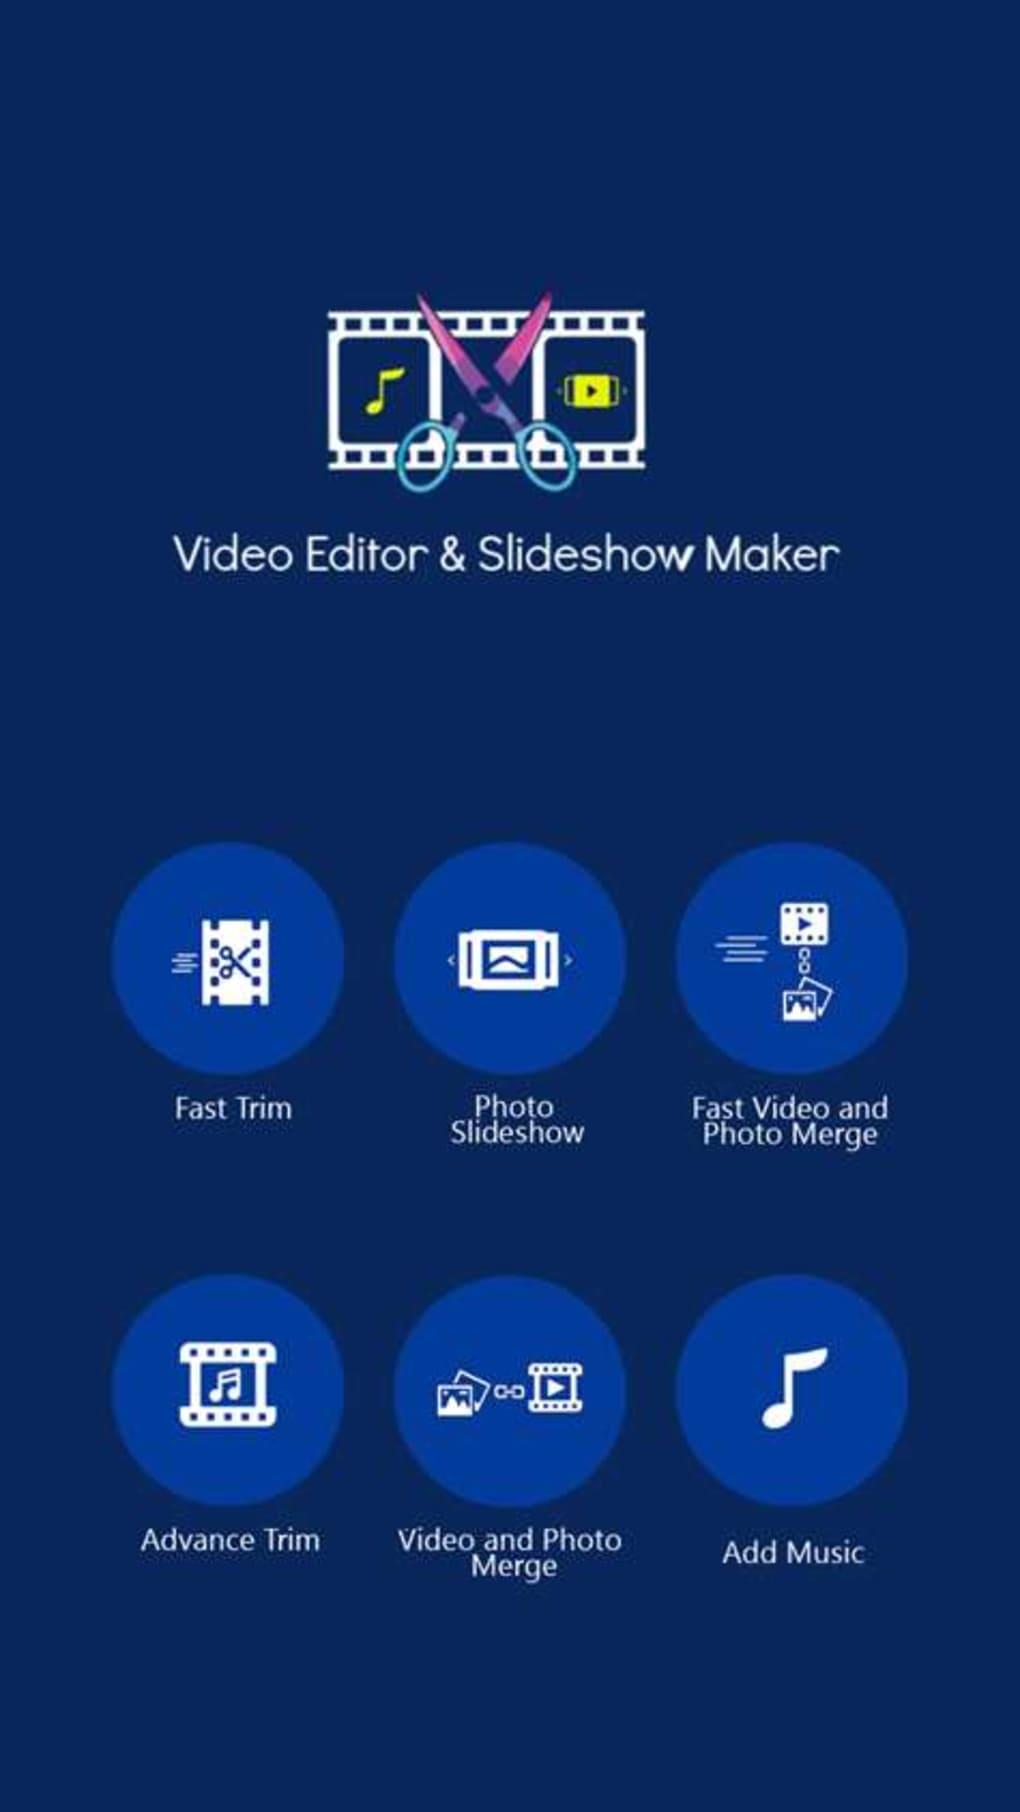 Video Editor & Slideshow Maker - Download